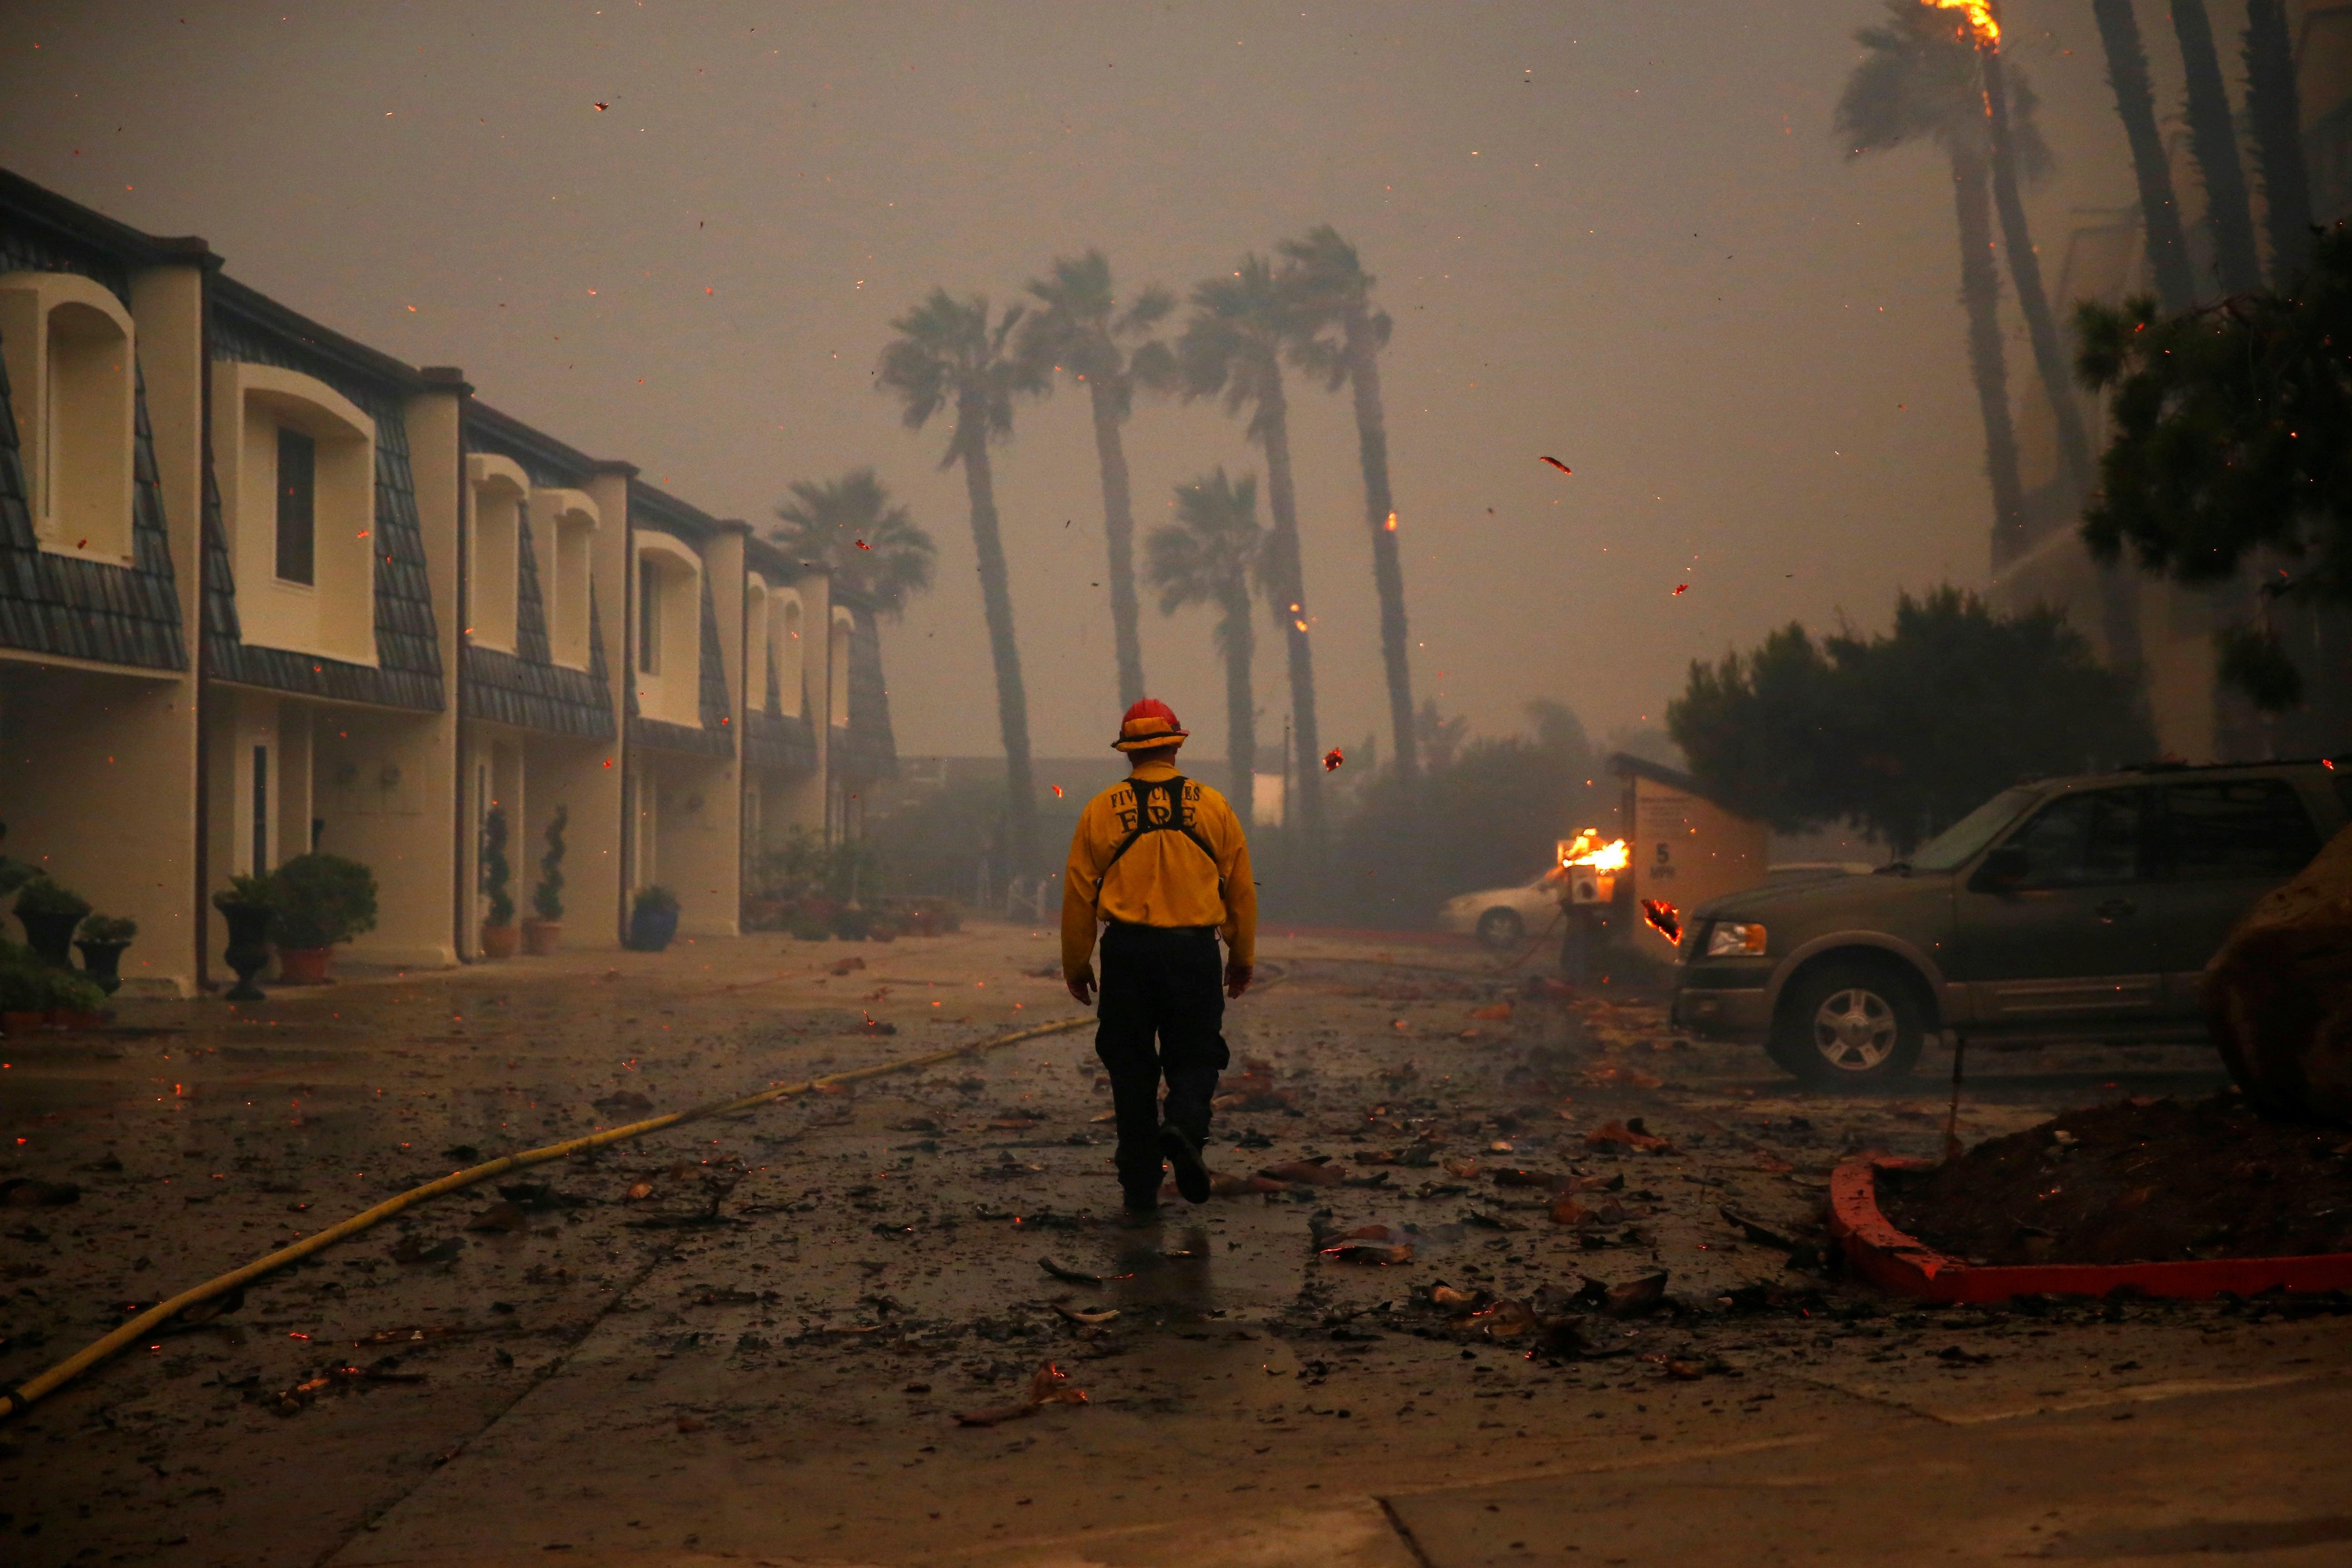 A firefighter walks through a parking lot as the fire burns nearby.